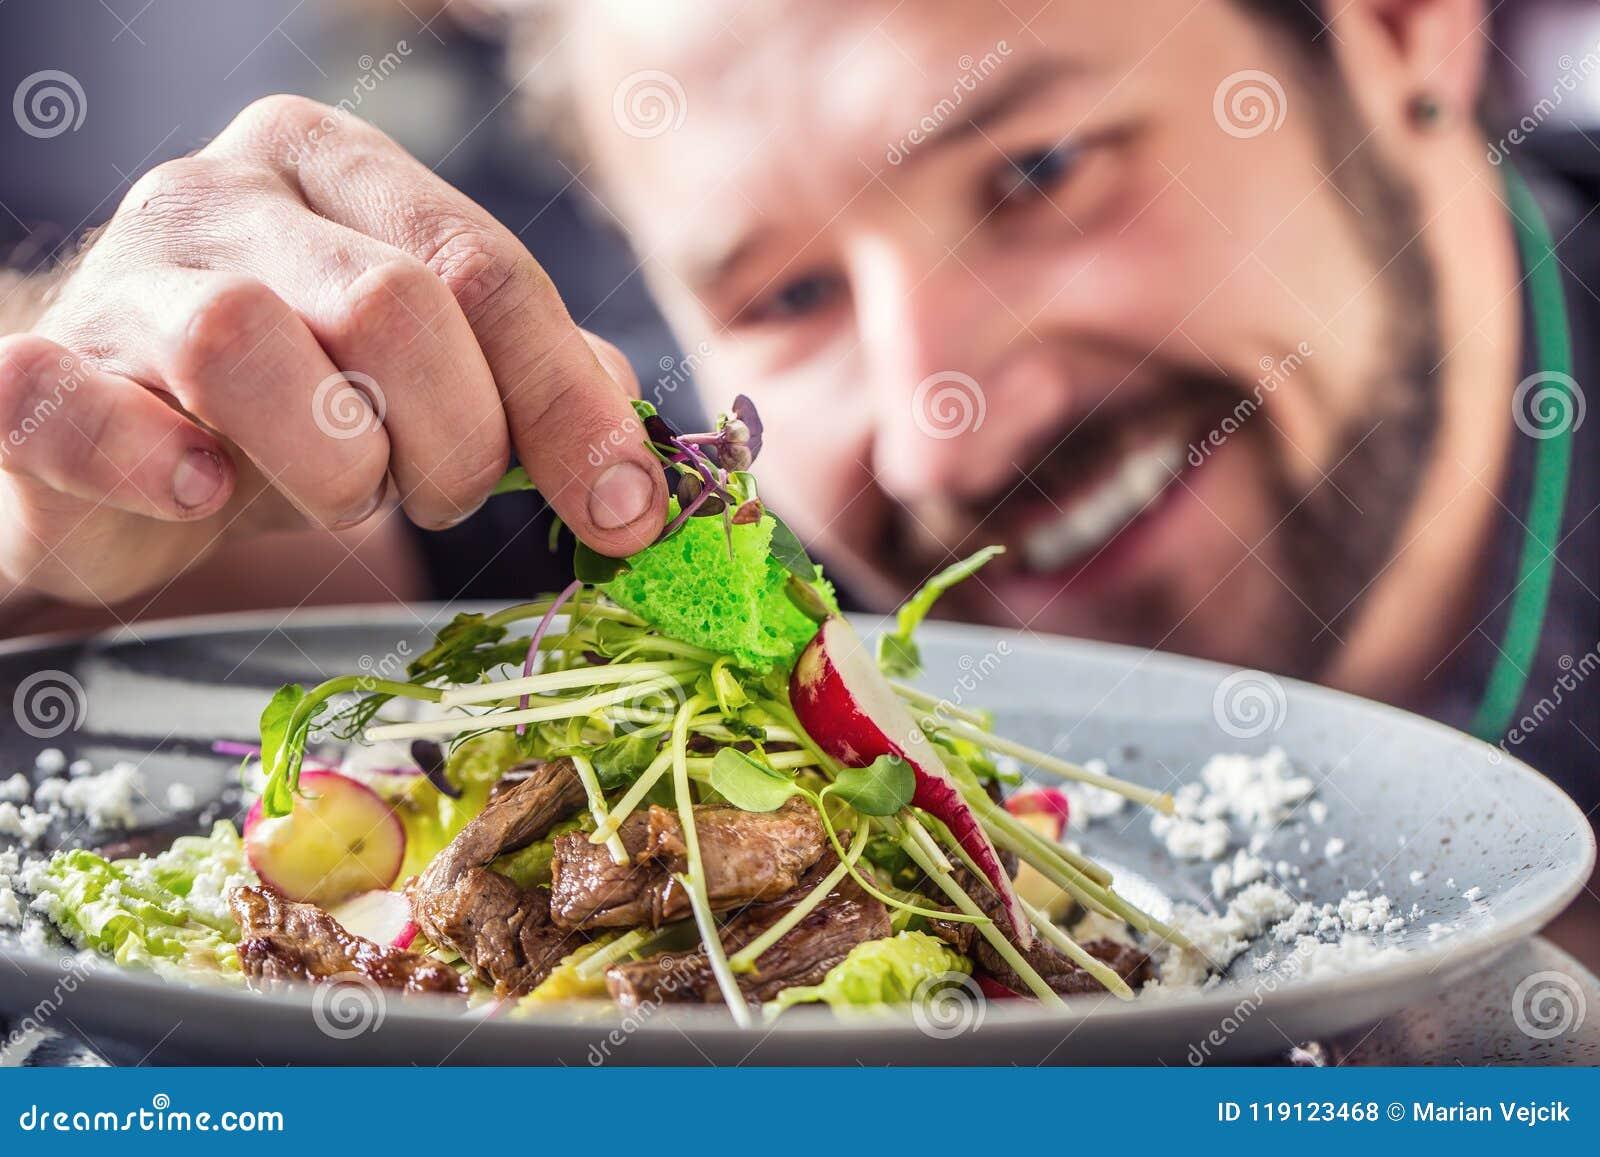 Chef im Hotel oder in Restaurant, die Salat mit Stücken Rindfleisch zubereiten